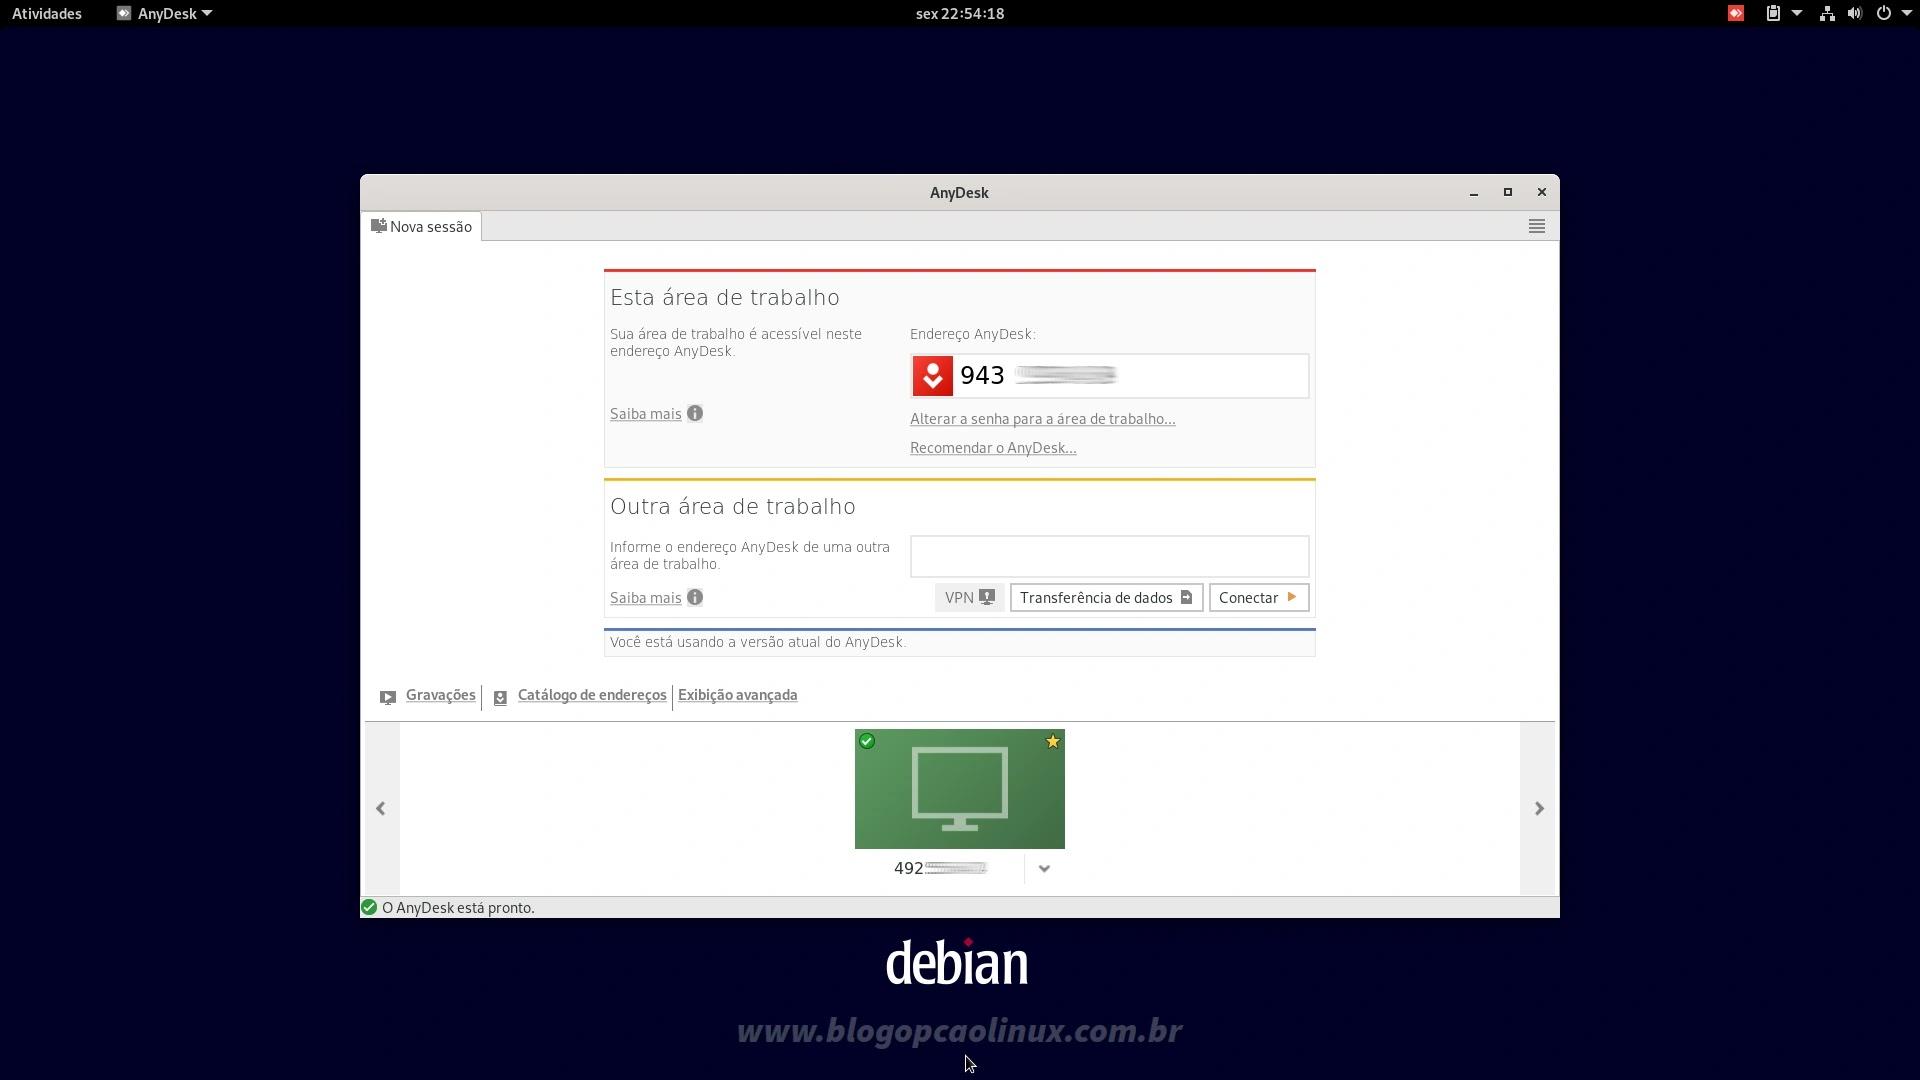 AnyDesk executando no Debian 11 'Bullseye' com ambiente de área de trabalho GNOME